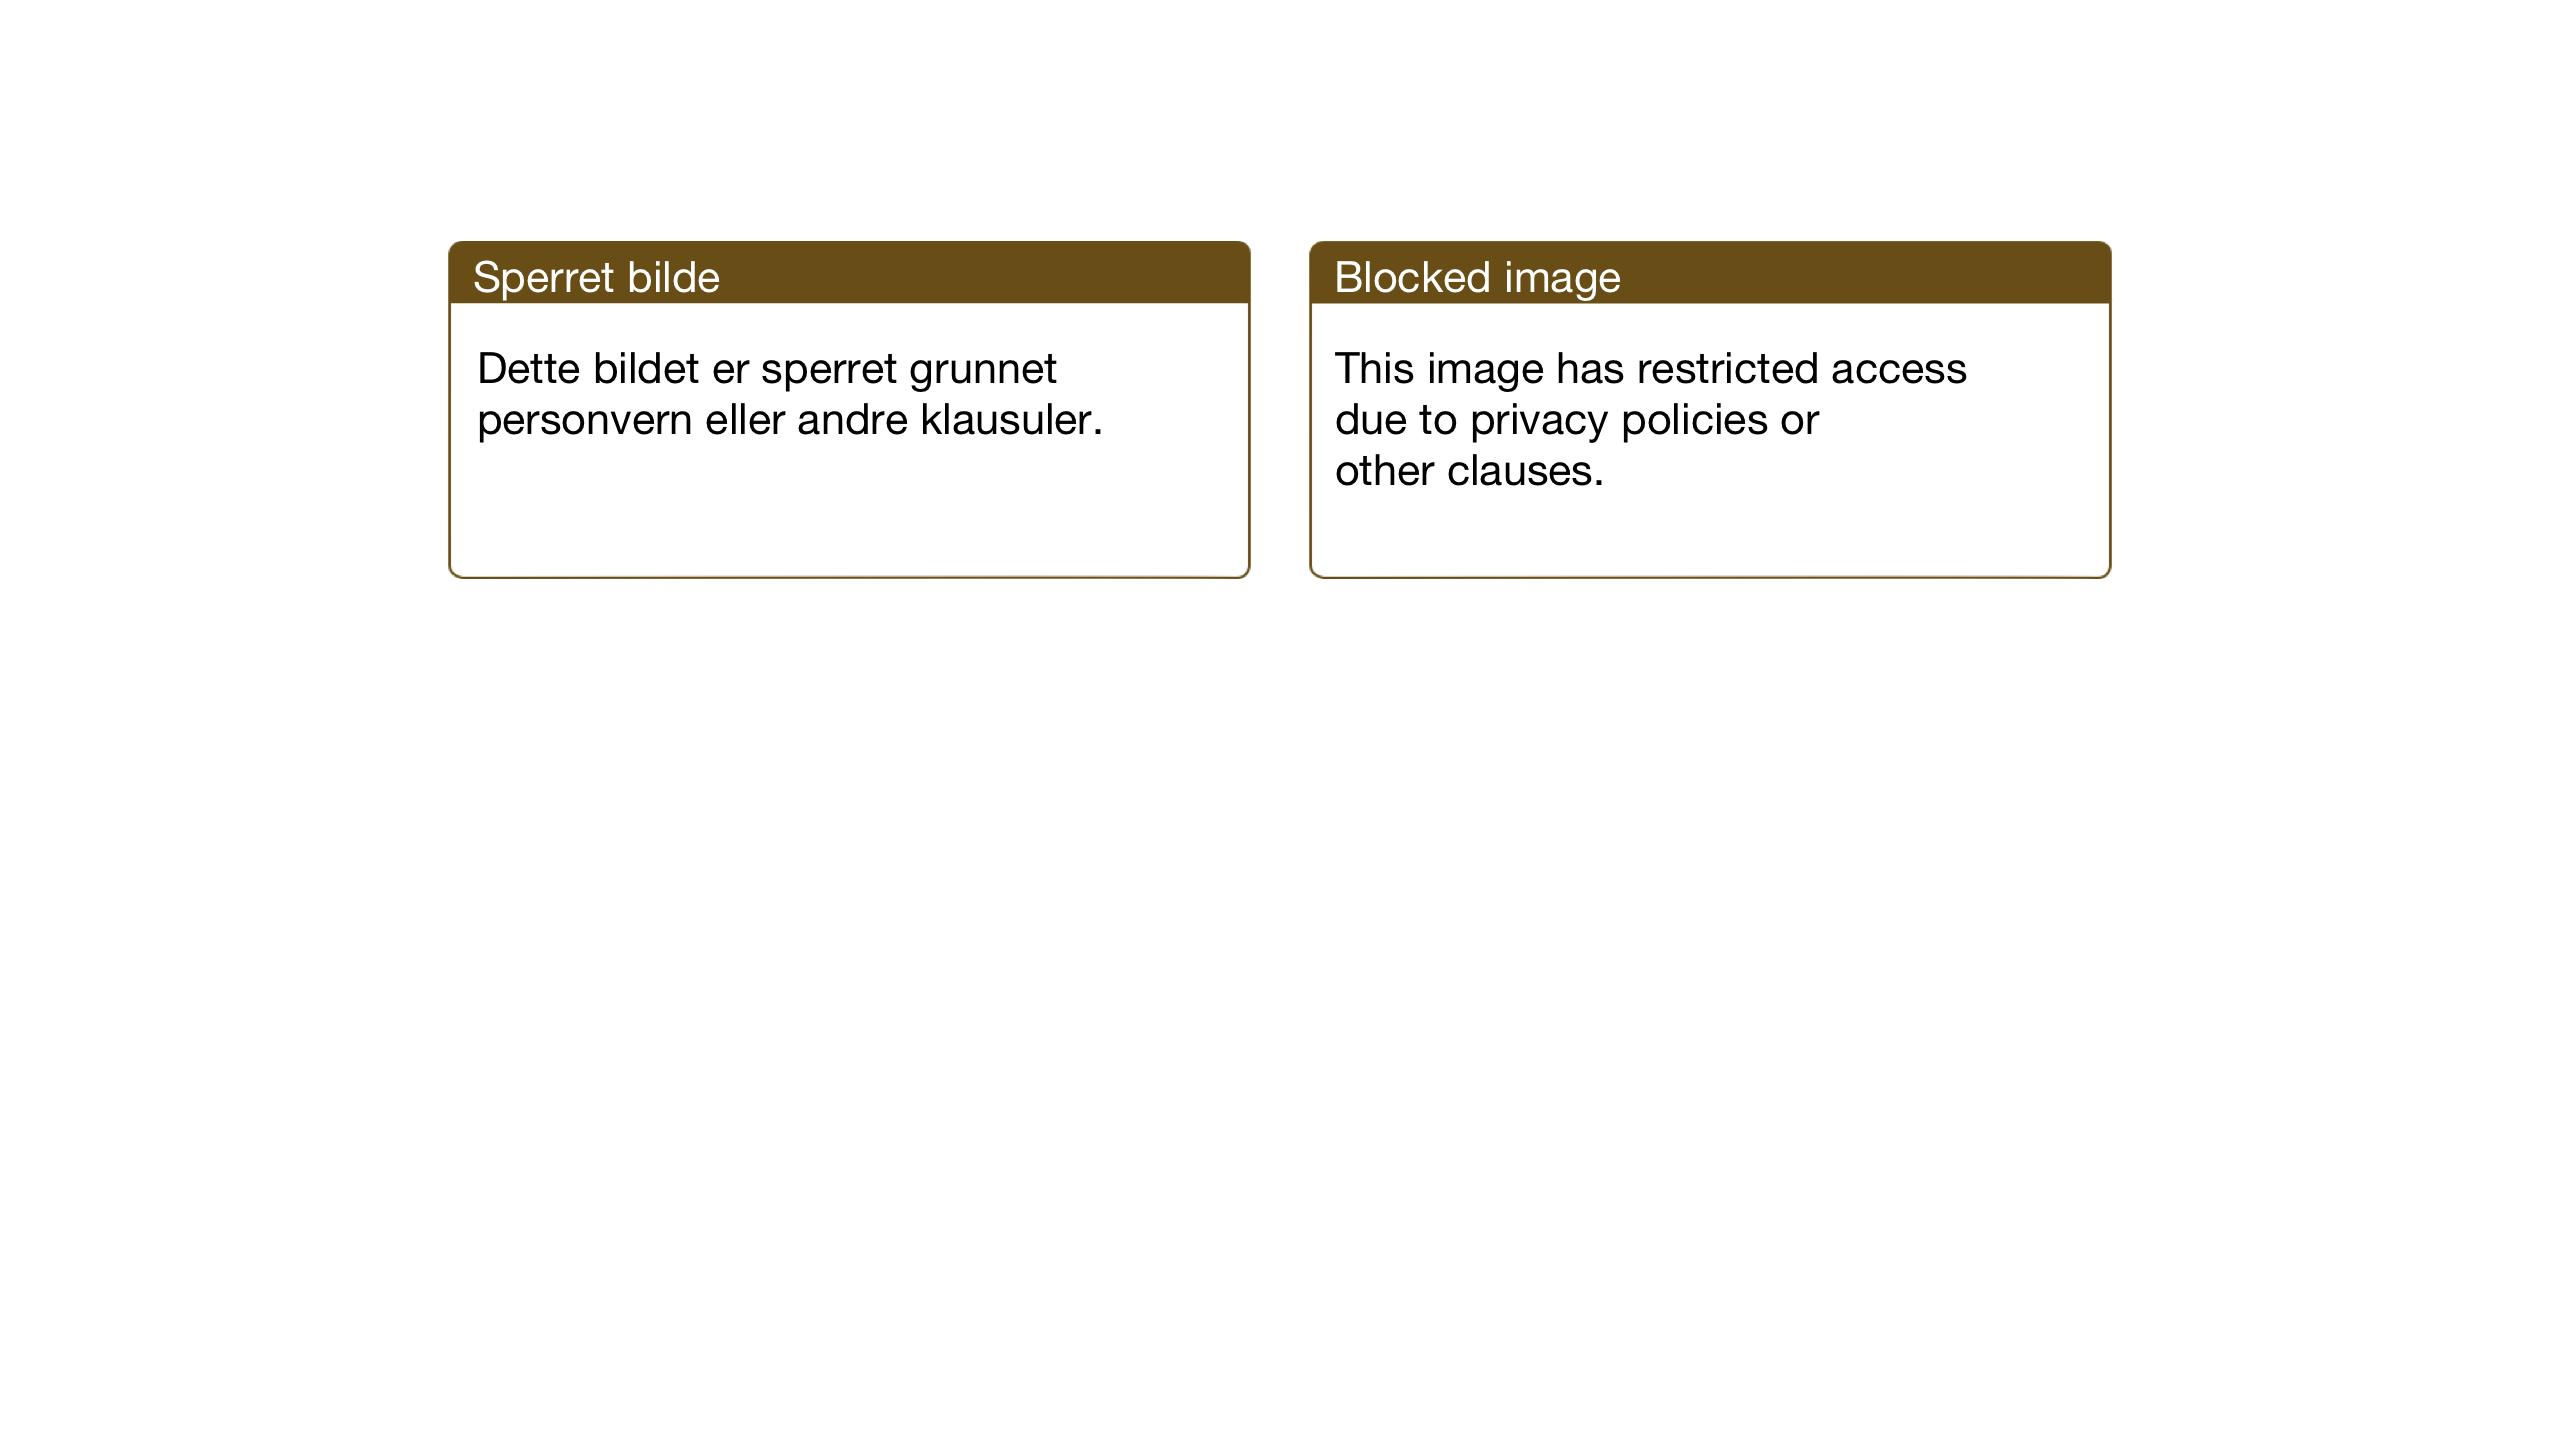 SAT, Ministerialprotokoller, klokkerbøker og fødselsregistre - Sør-Trøndelag, 662/L0758: Klokkerbok nr. 662C03, 1918-1948, s. 164